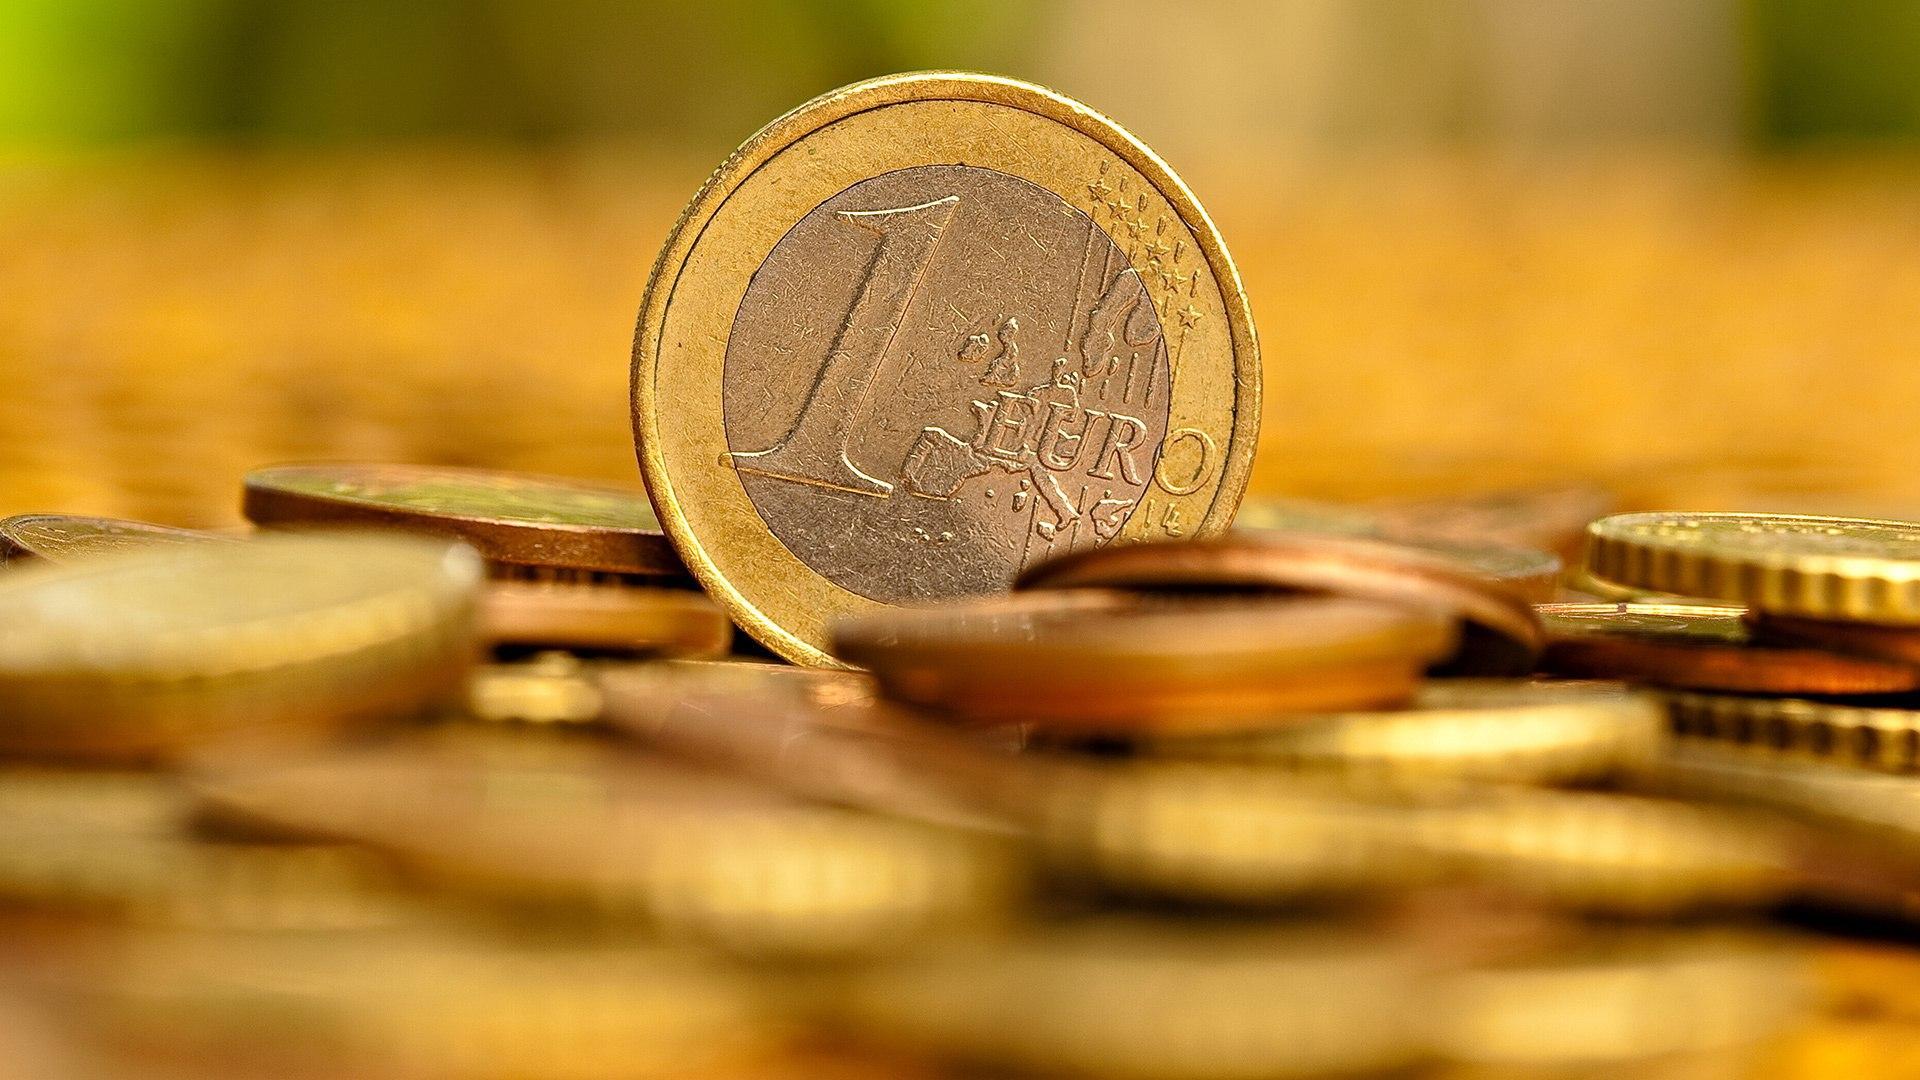 Money_One_euro_coin